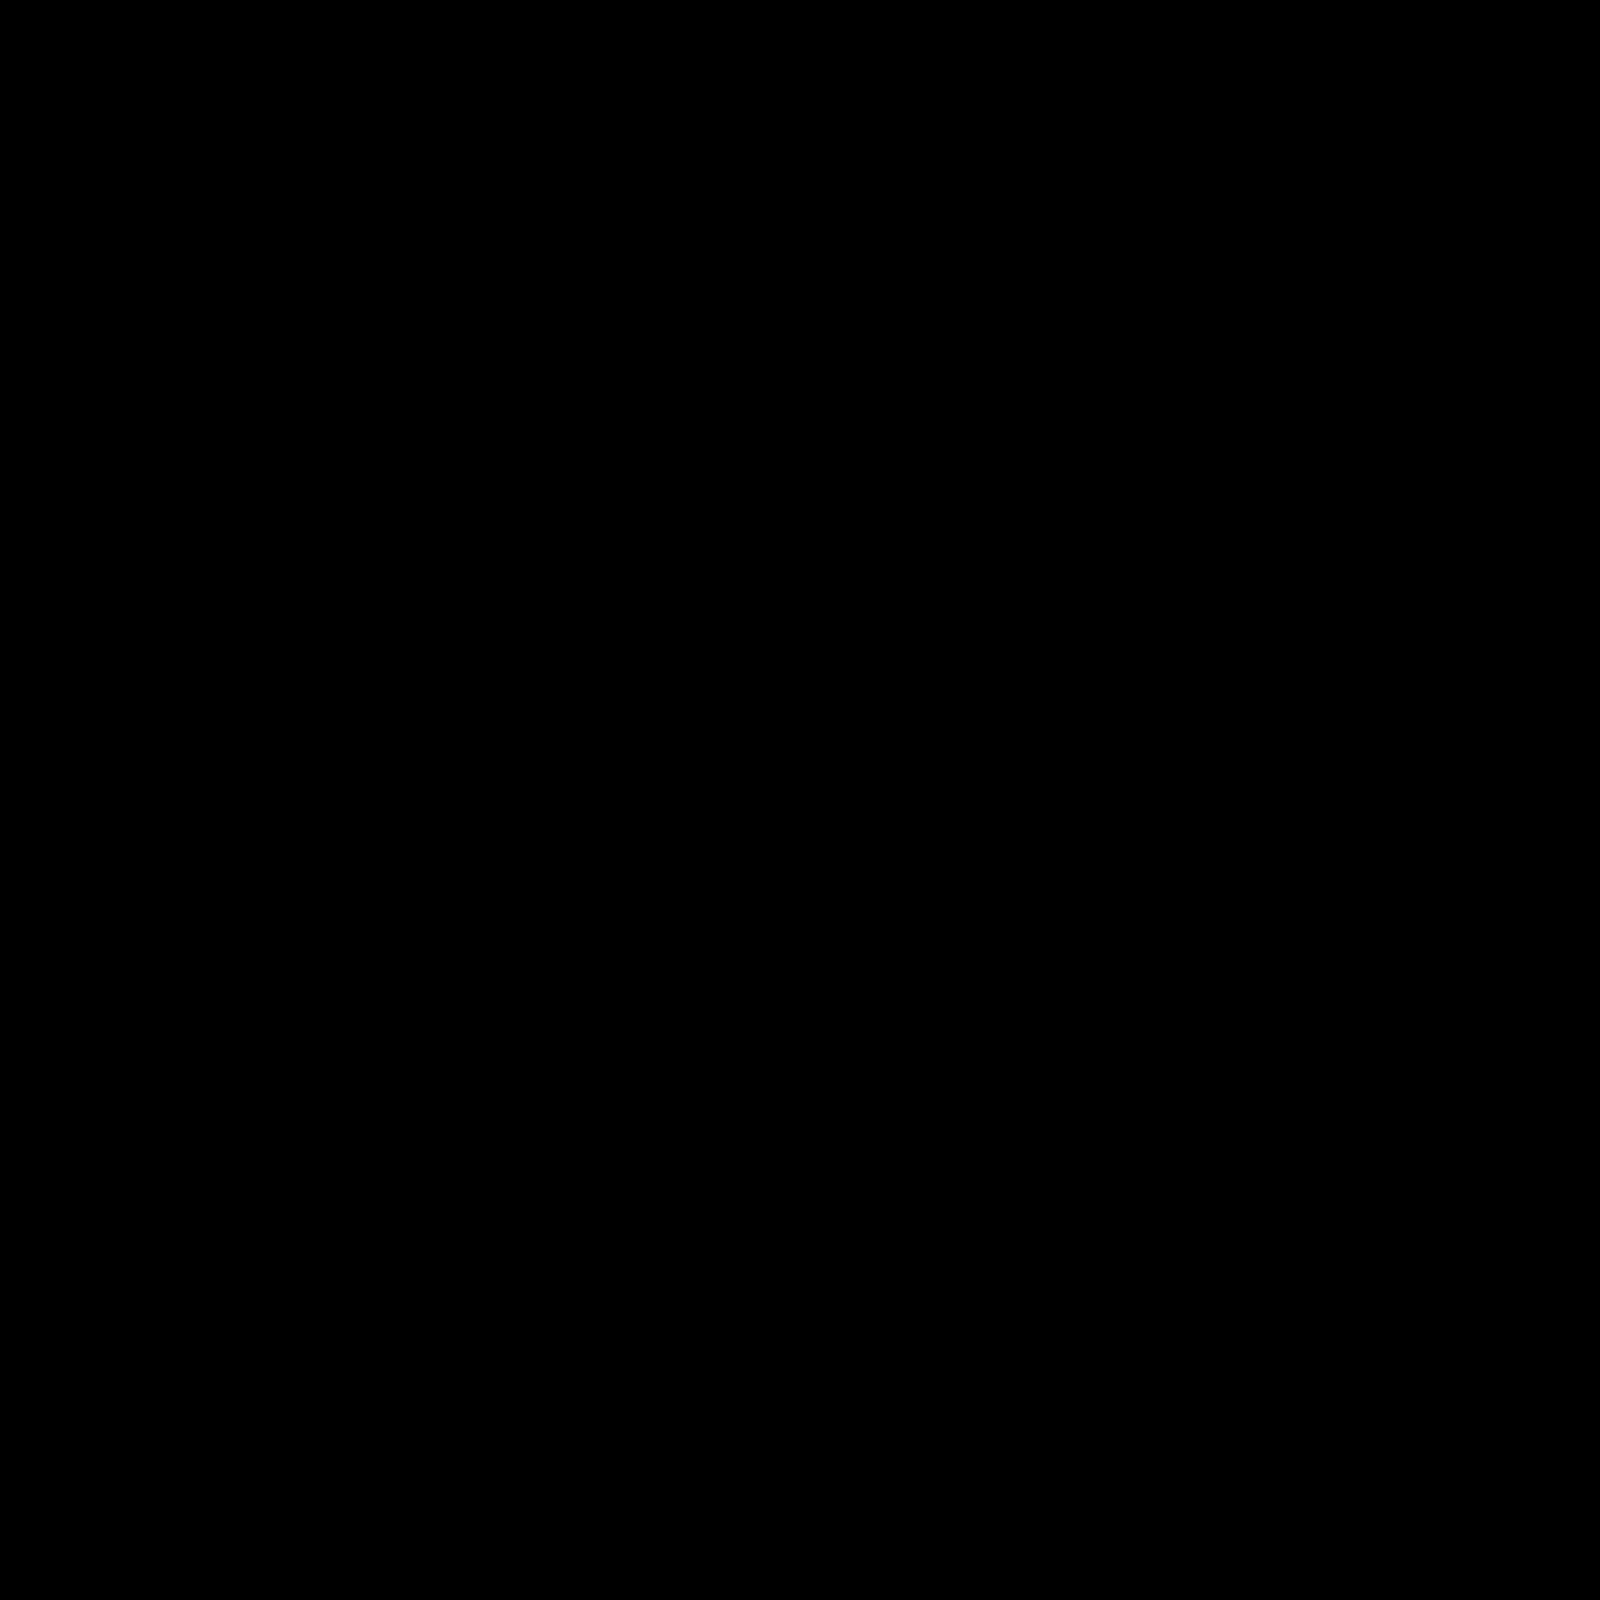 270 stopni icon